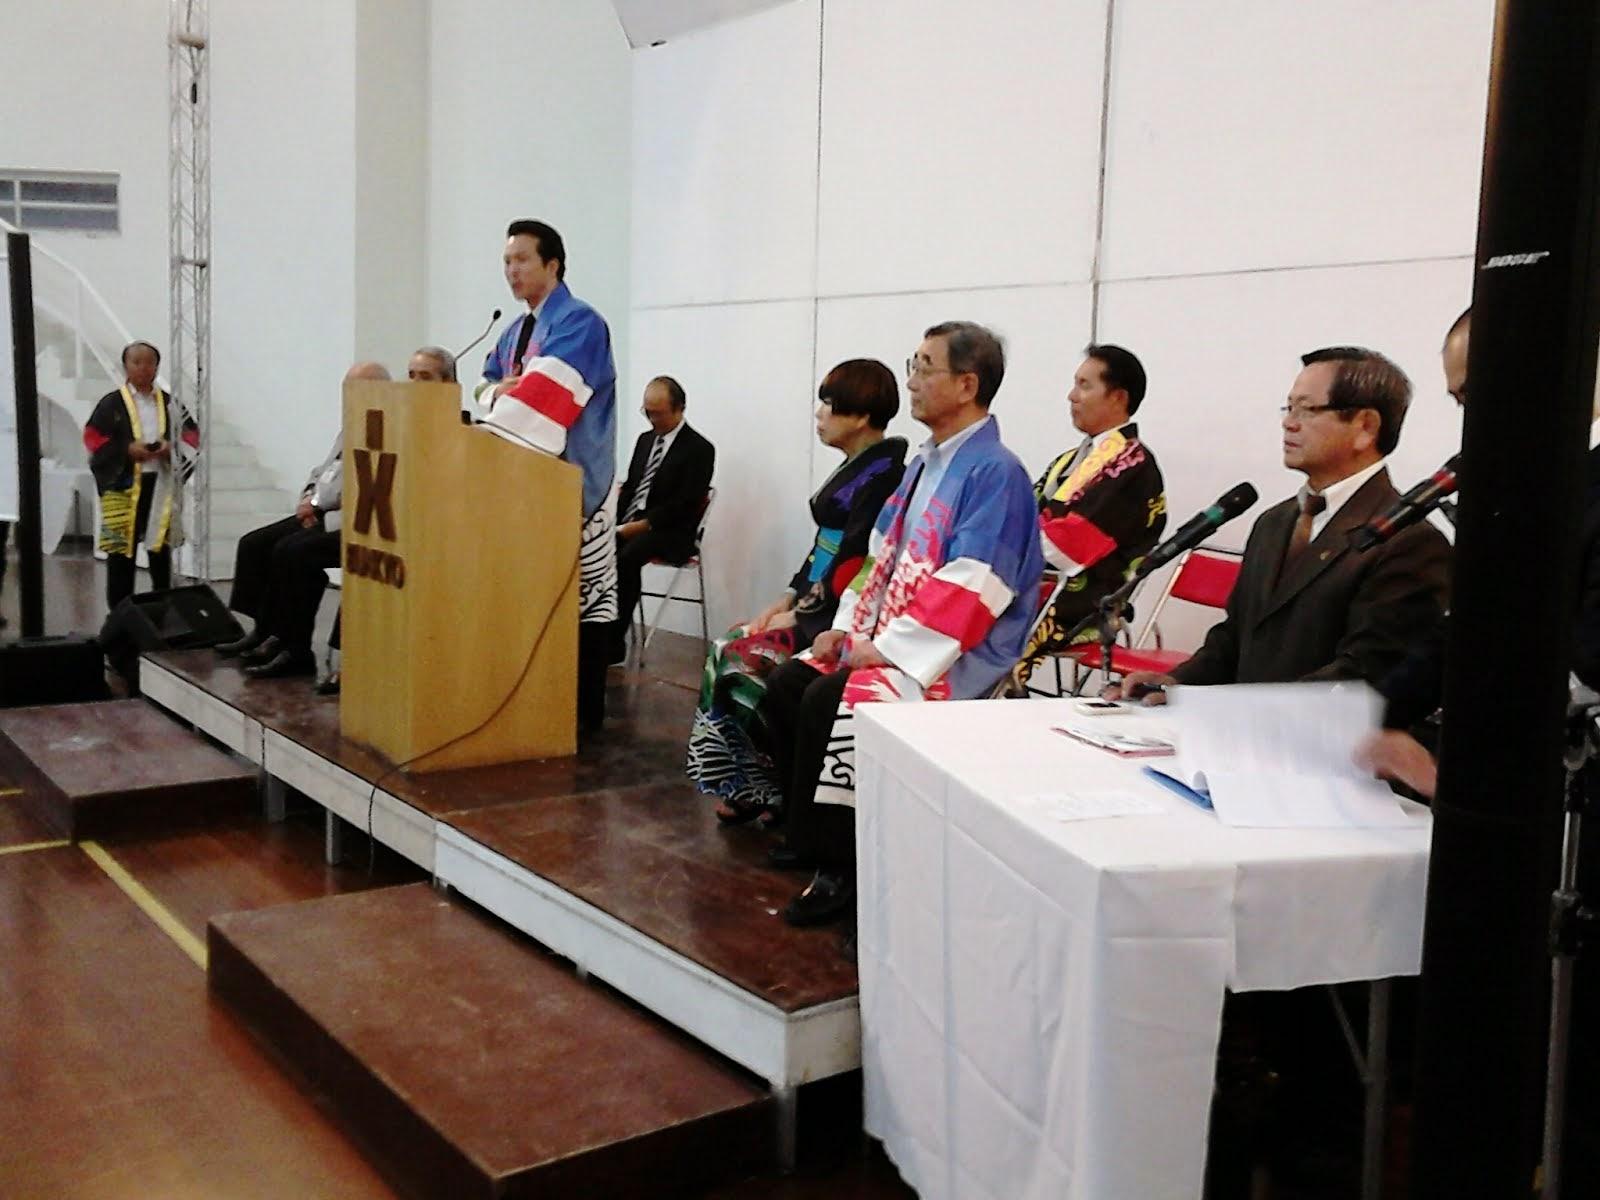 ENCONTRO COM TAKASHI UTO, VICE-MINISTRO DOS NEGÓCIOS ESTRANGEIROS DE JAPÃO